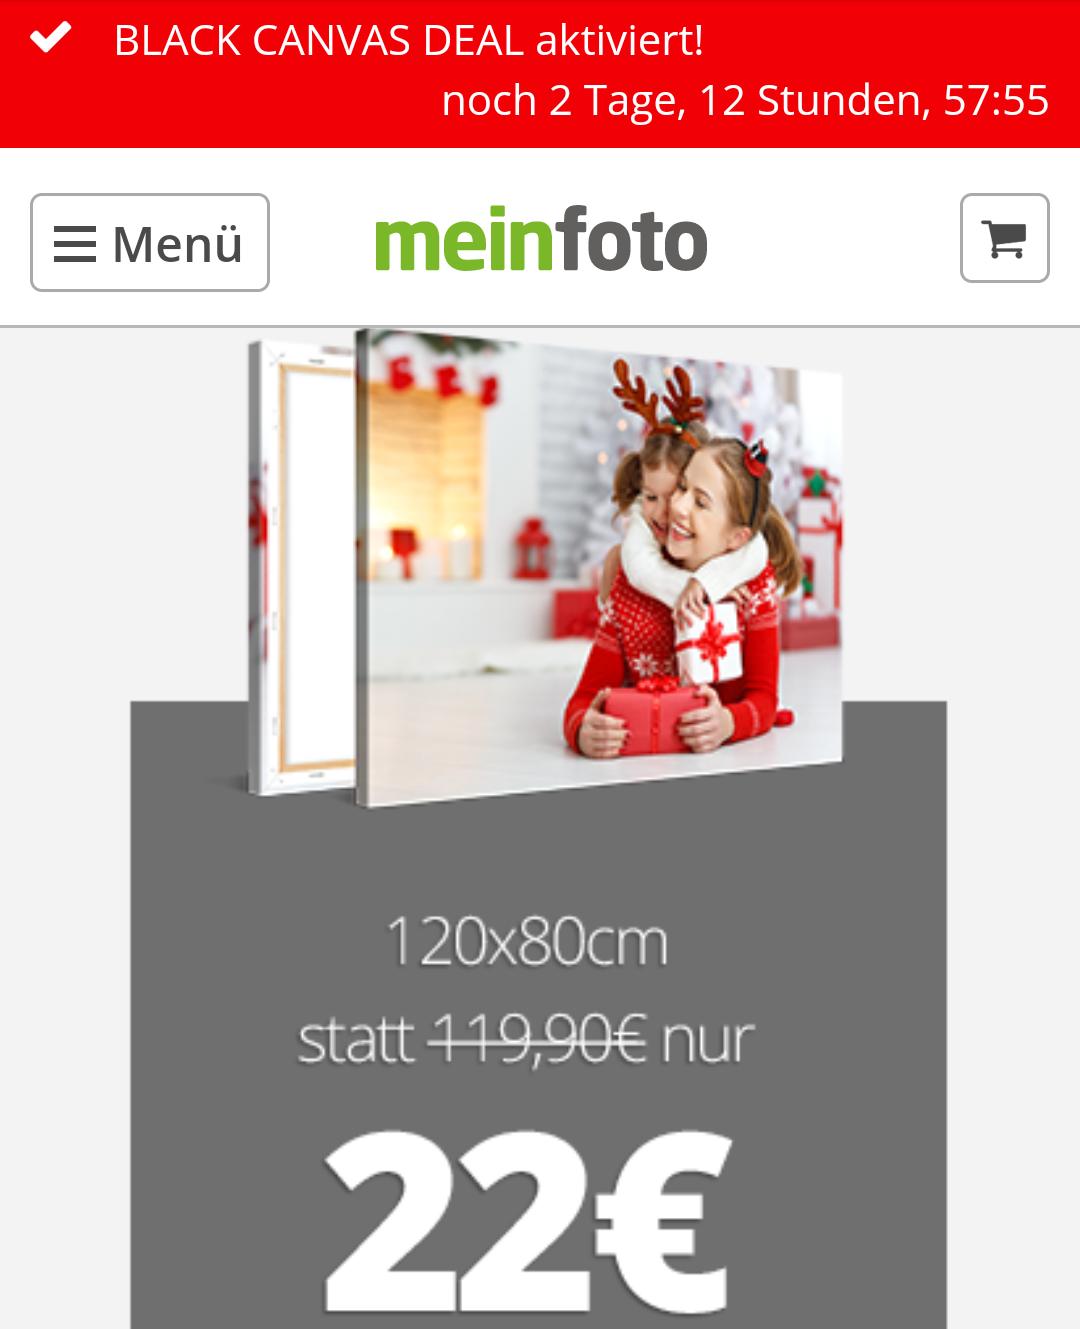 [meinfoto] Leinwand 120x80 cm (21-22.03.2018 verfügbar!)